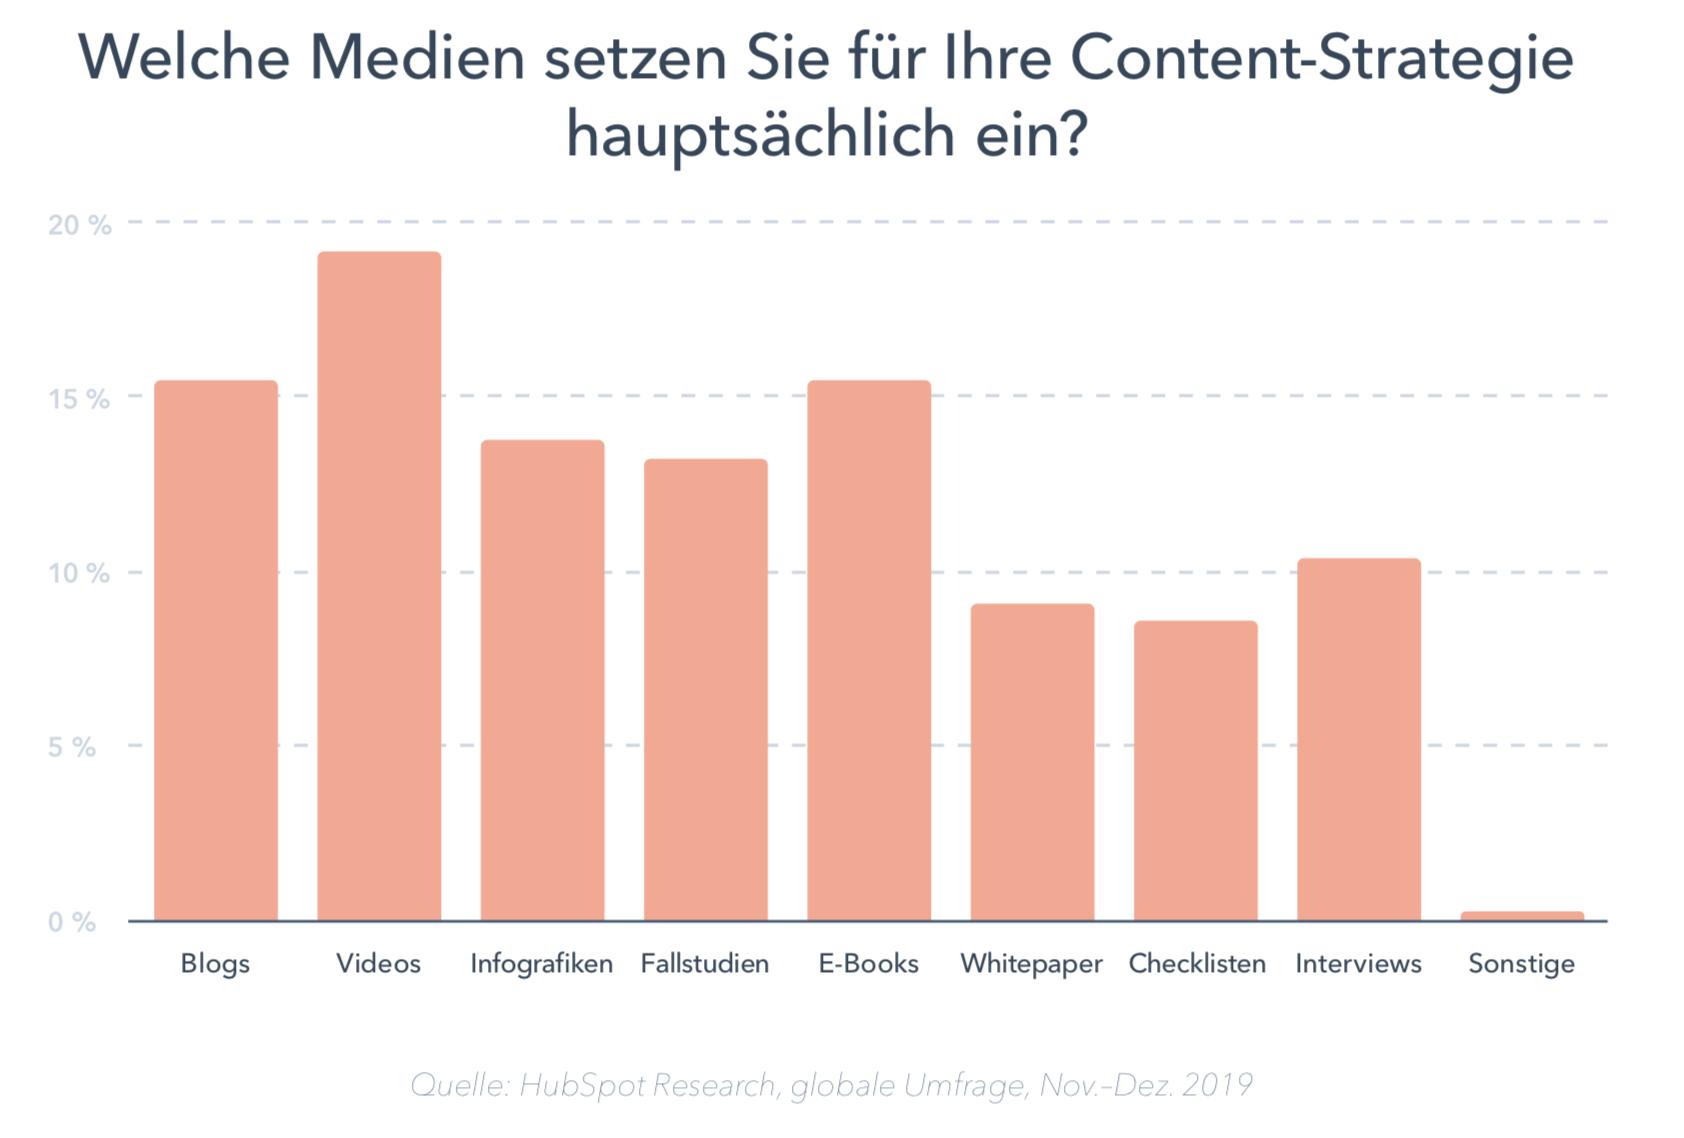 2-Medien für Content-Strategie